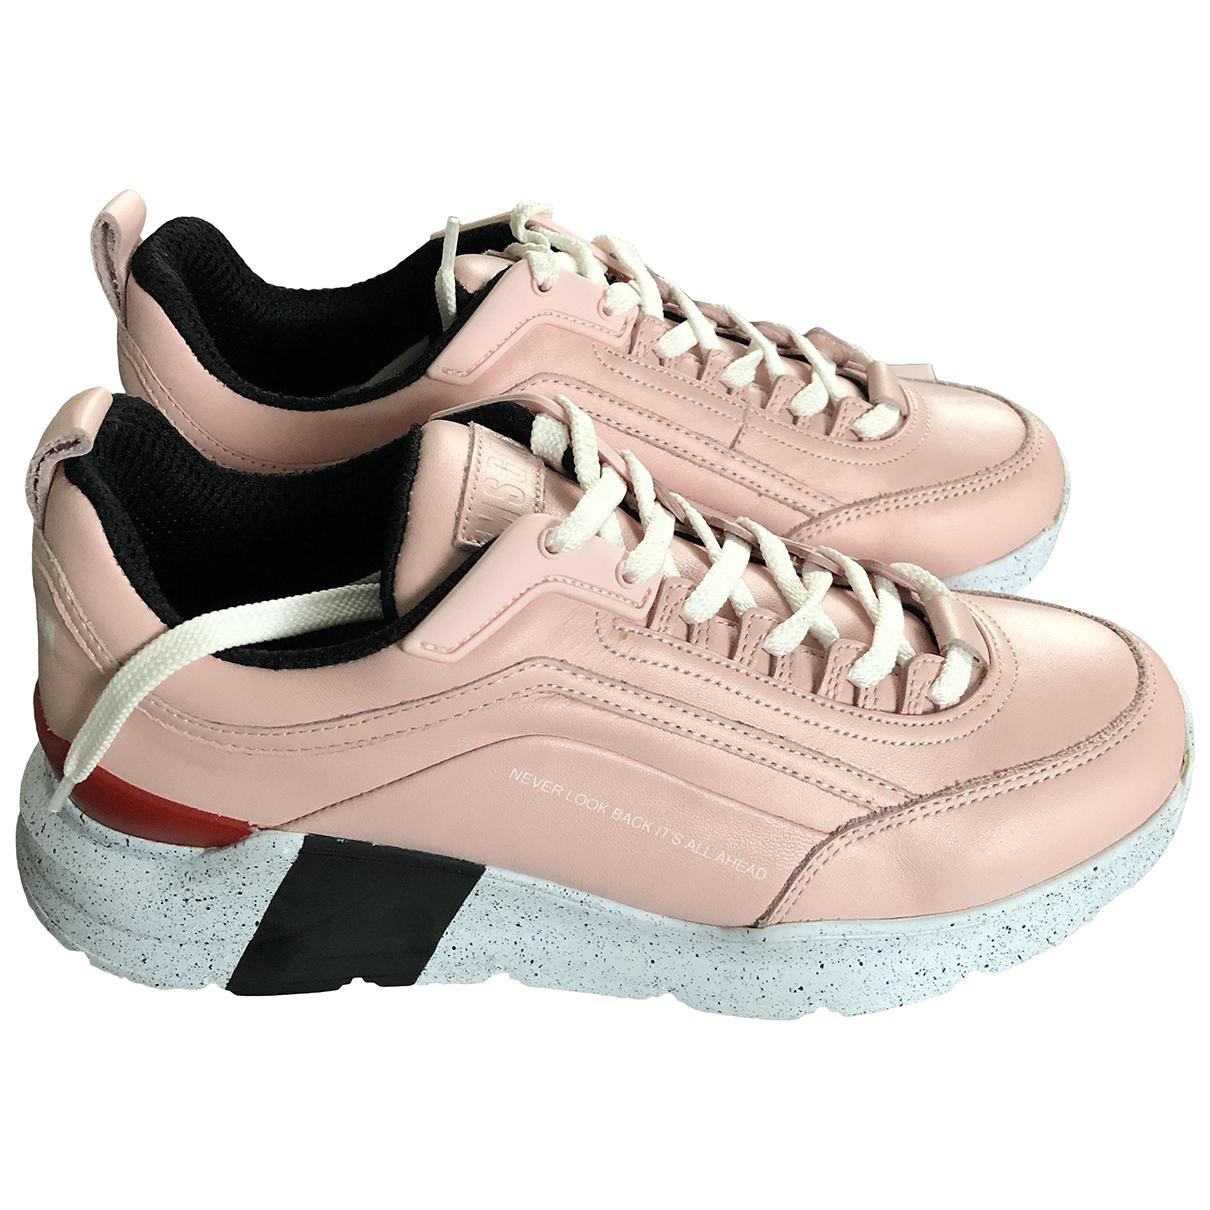 Msgm - Baskets   pour femme en cuir - rose